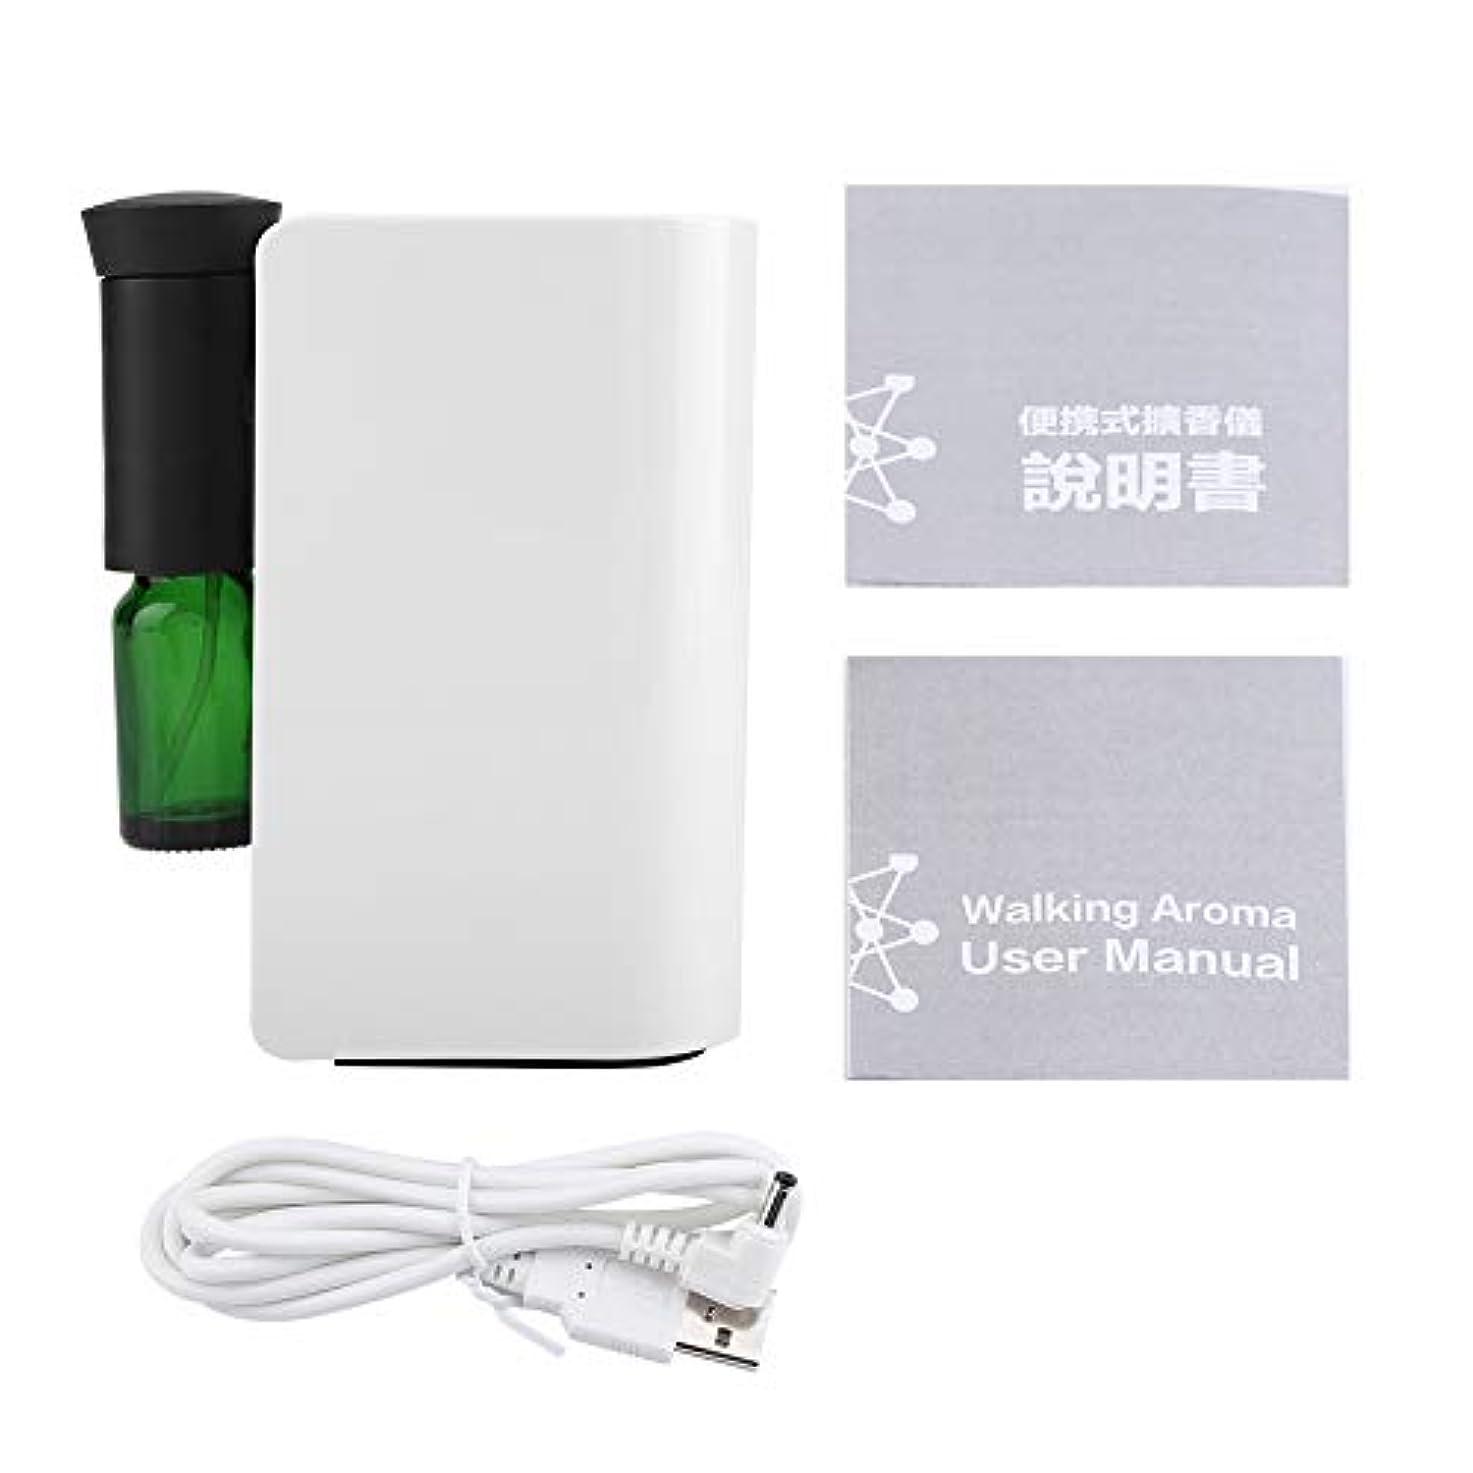 インシデントレザー許容アロマディフューザー usb充電式 100ml 精油 エッセンシャルオイル用 自動アロマディスペンサー用 部屋 オフィス(ホワイト)